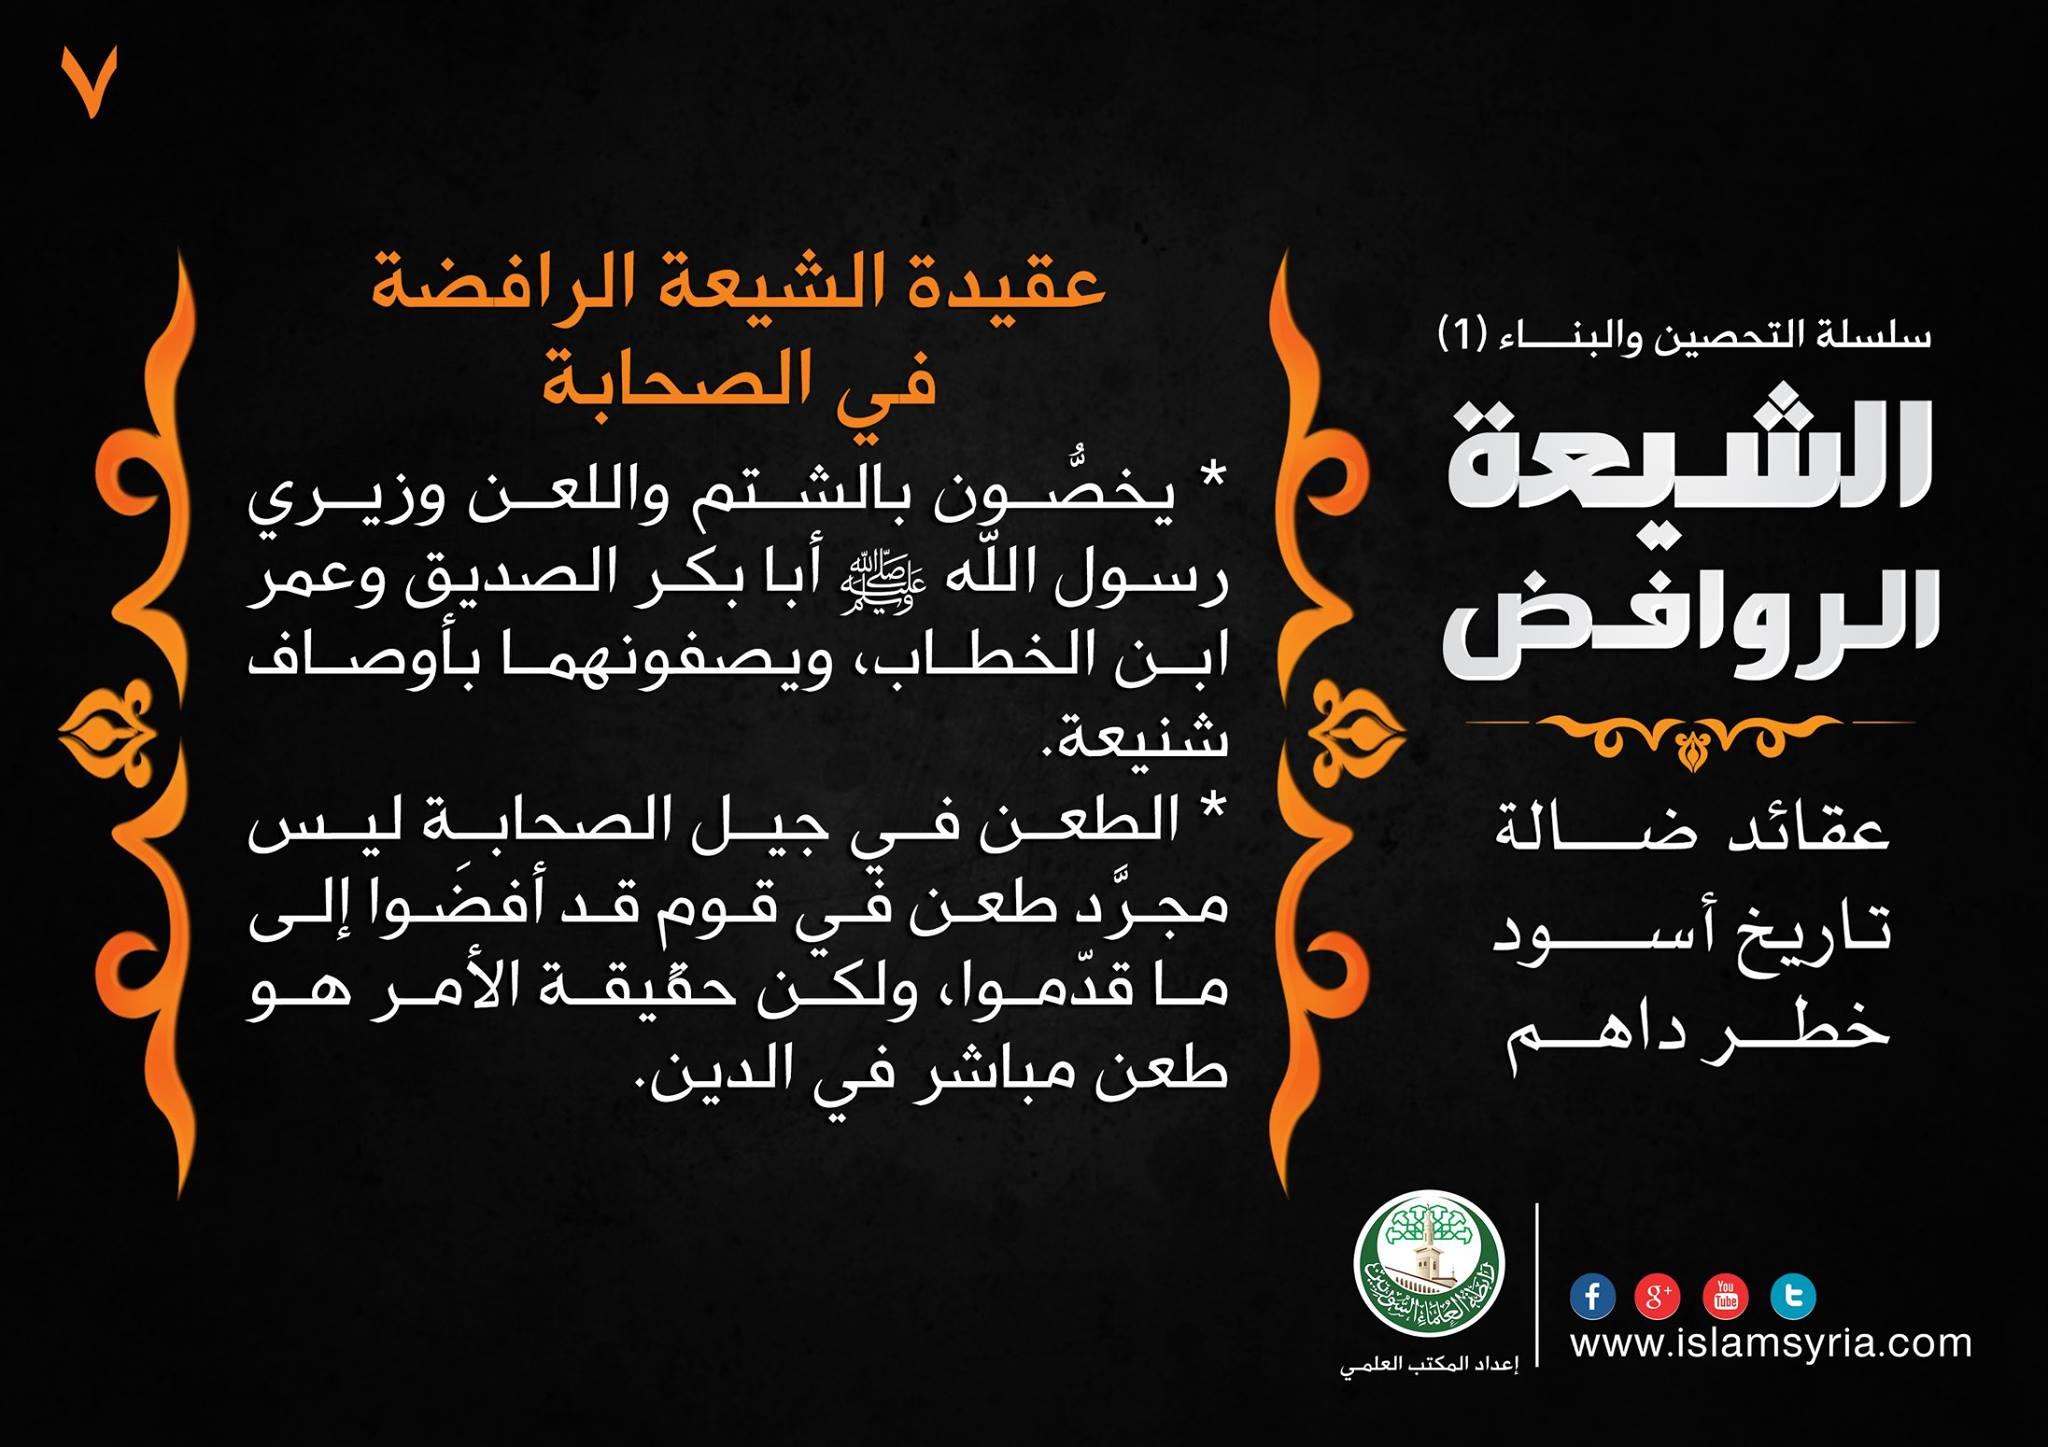 سلسلة التحصين والبناء -7- الشيعة الروافض